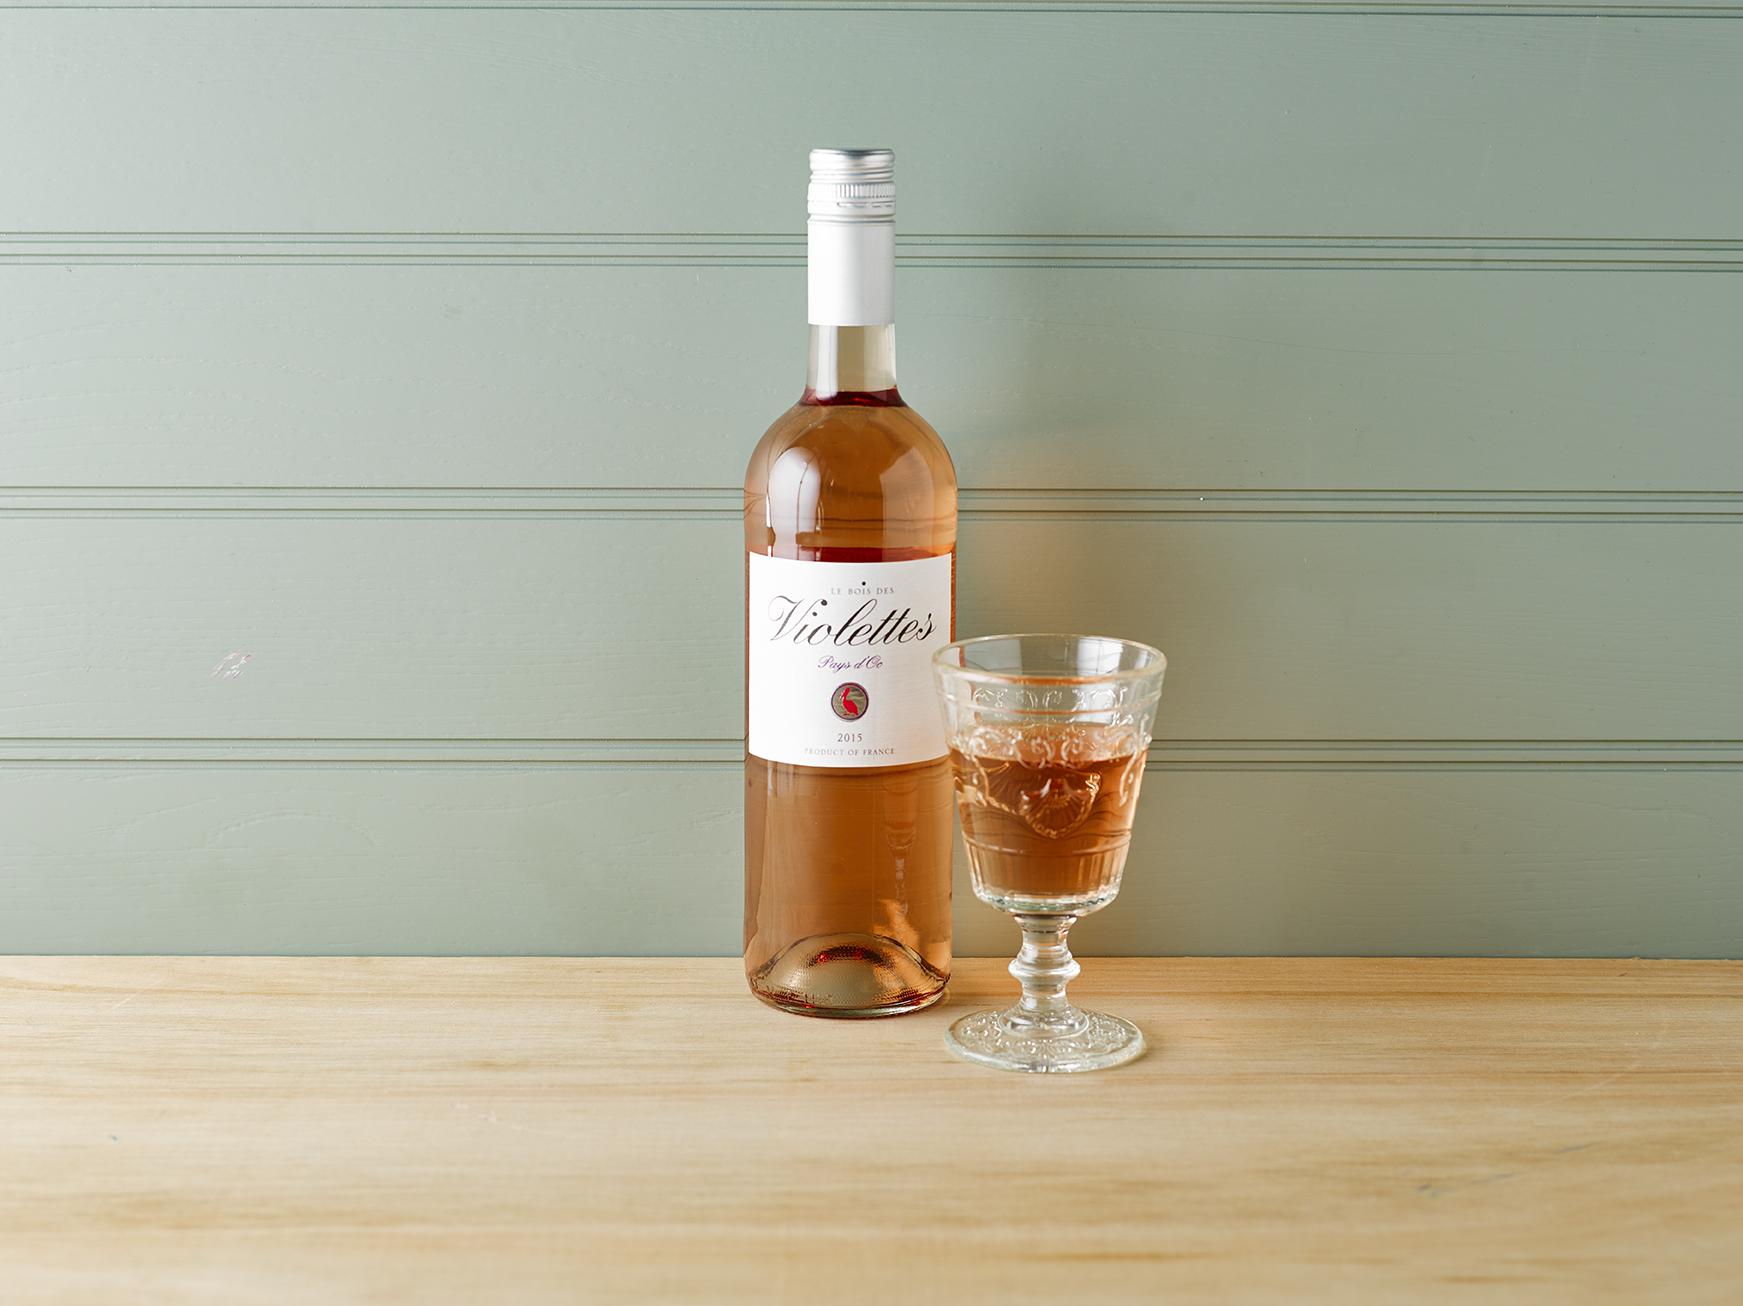 Gousto wine Le Bois De Violettes Rosé